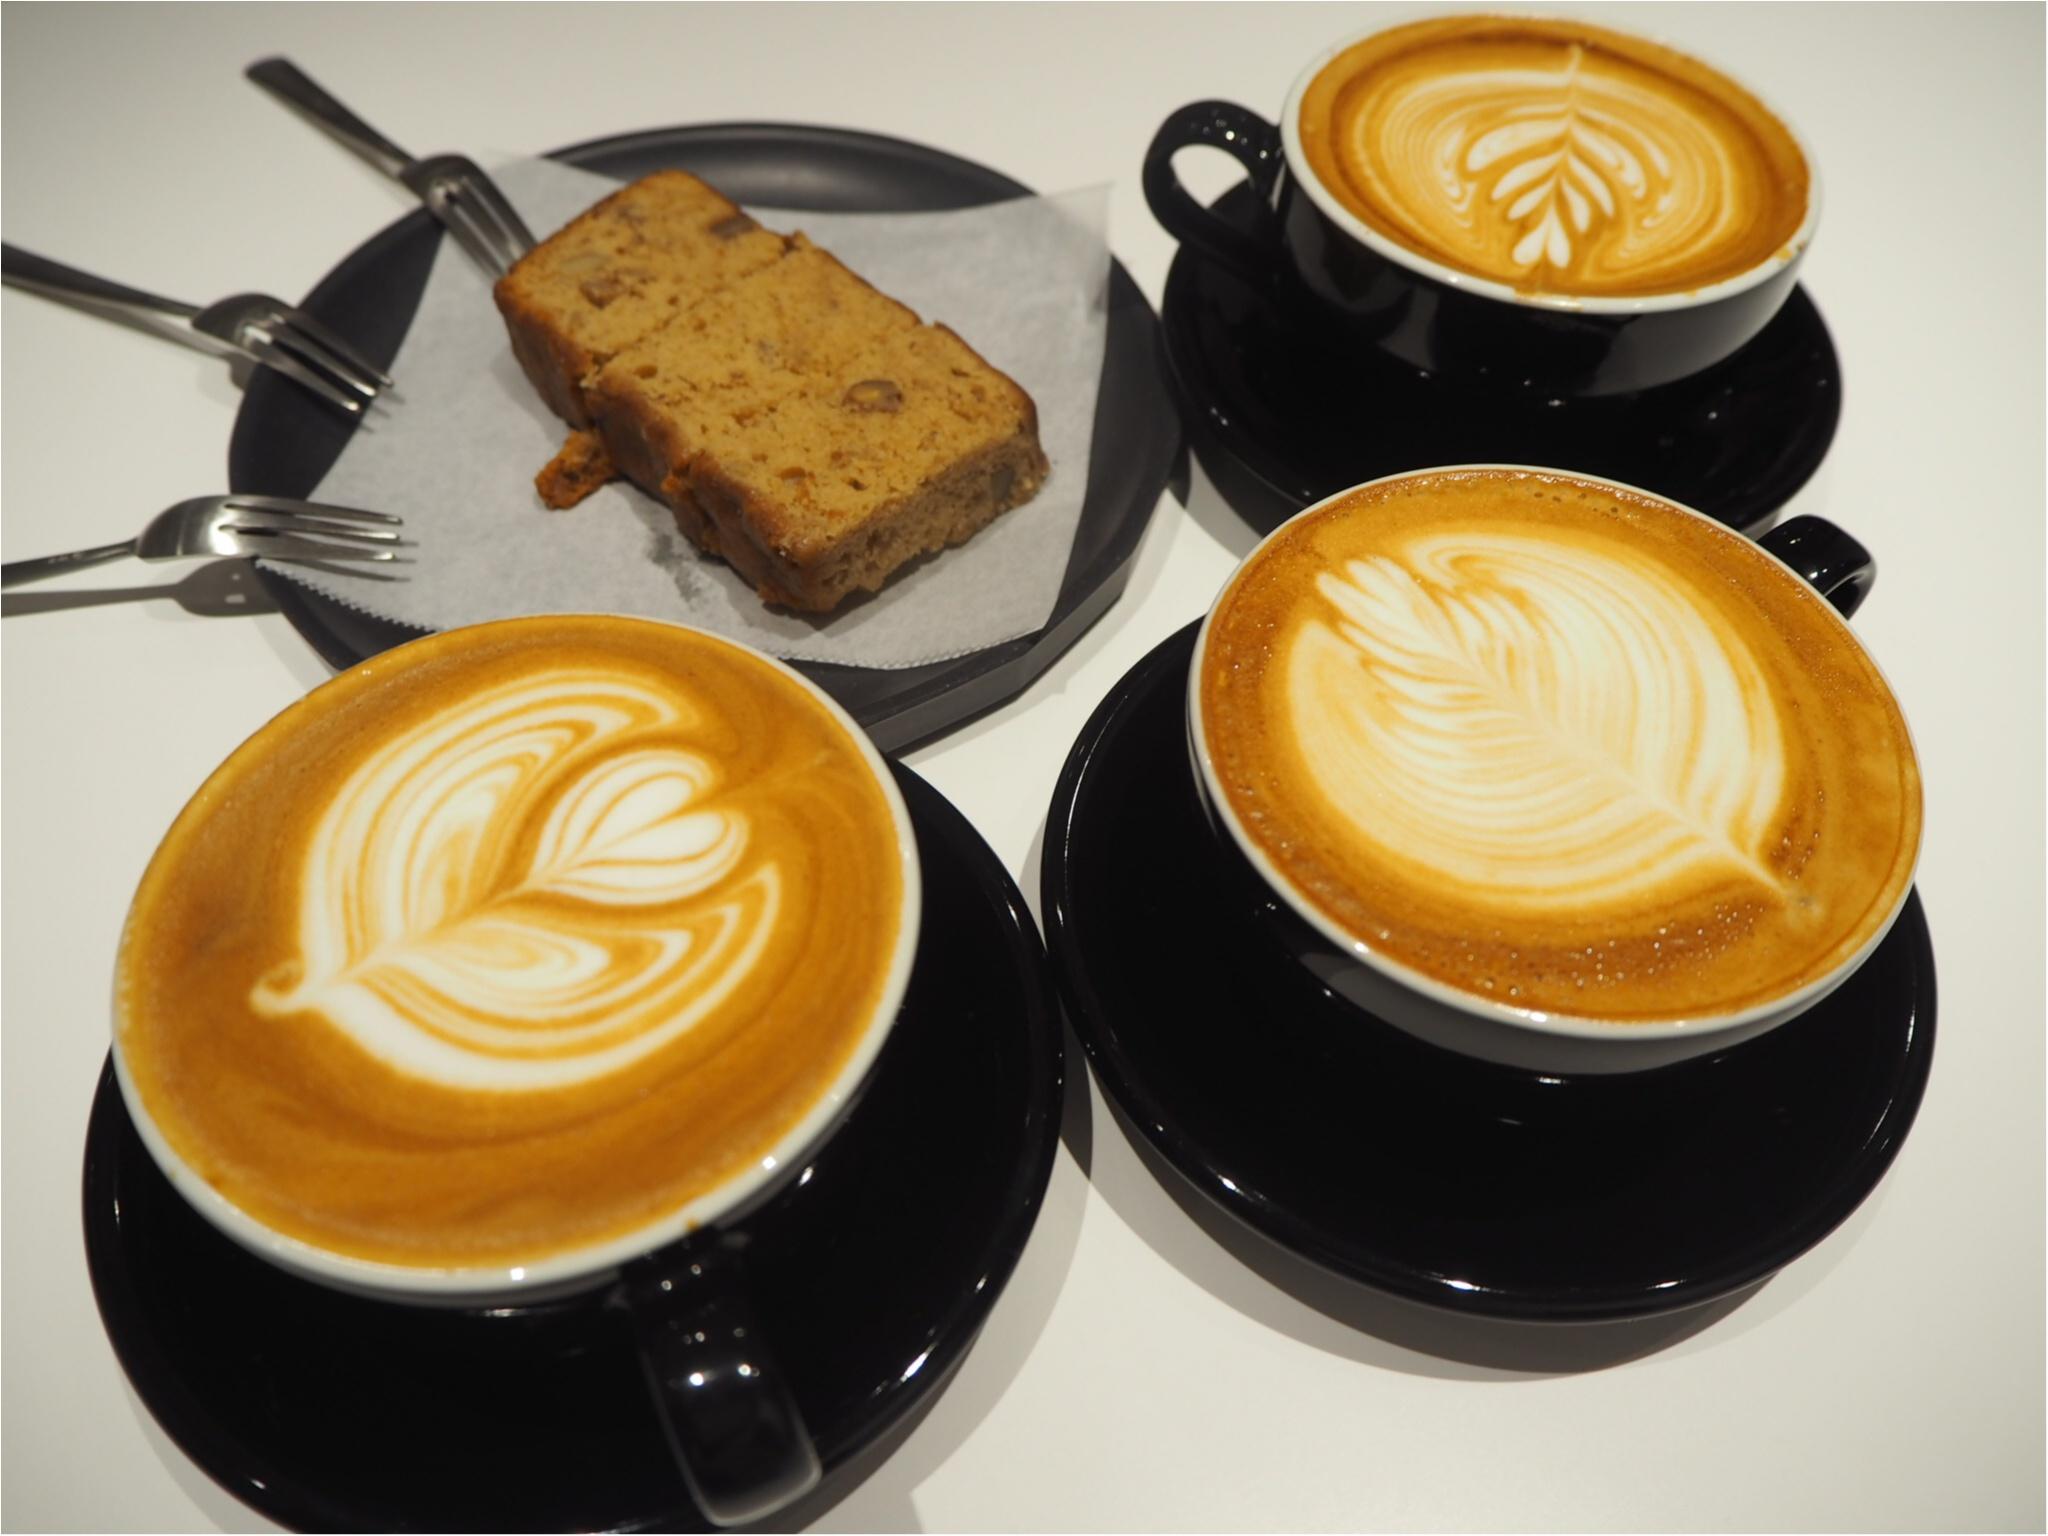 【IT業界×カフェ?!】とってもお洒落★かつ、斬新!最先端なこちらのカフェ、◯◯制度を使って自分の行きつけにしちゃいませんか☺︎?_3